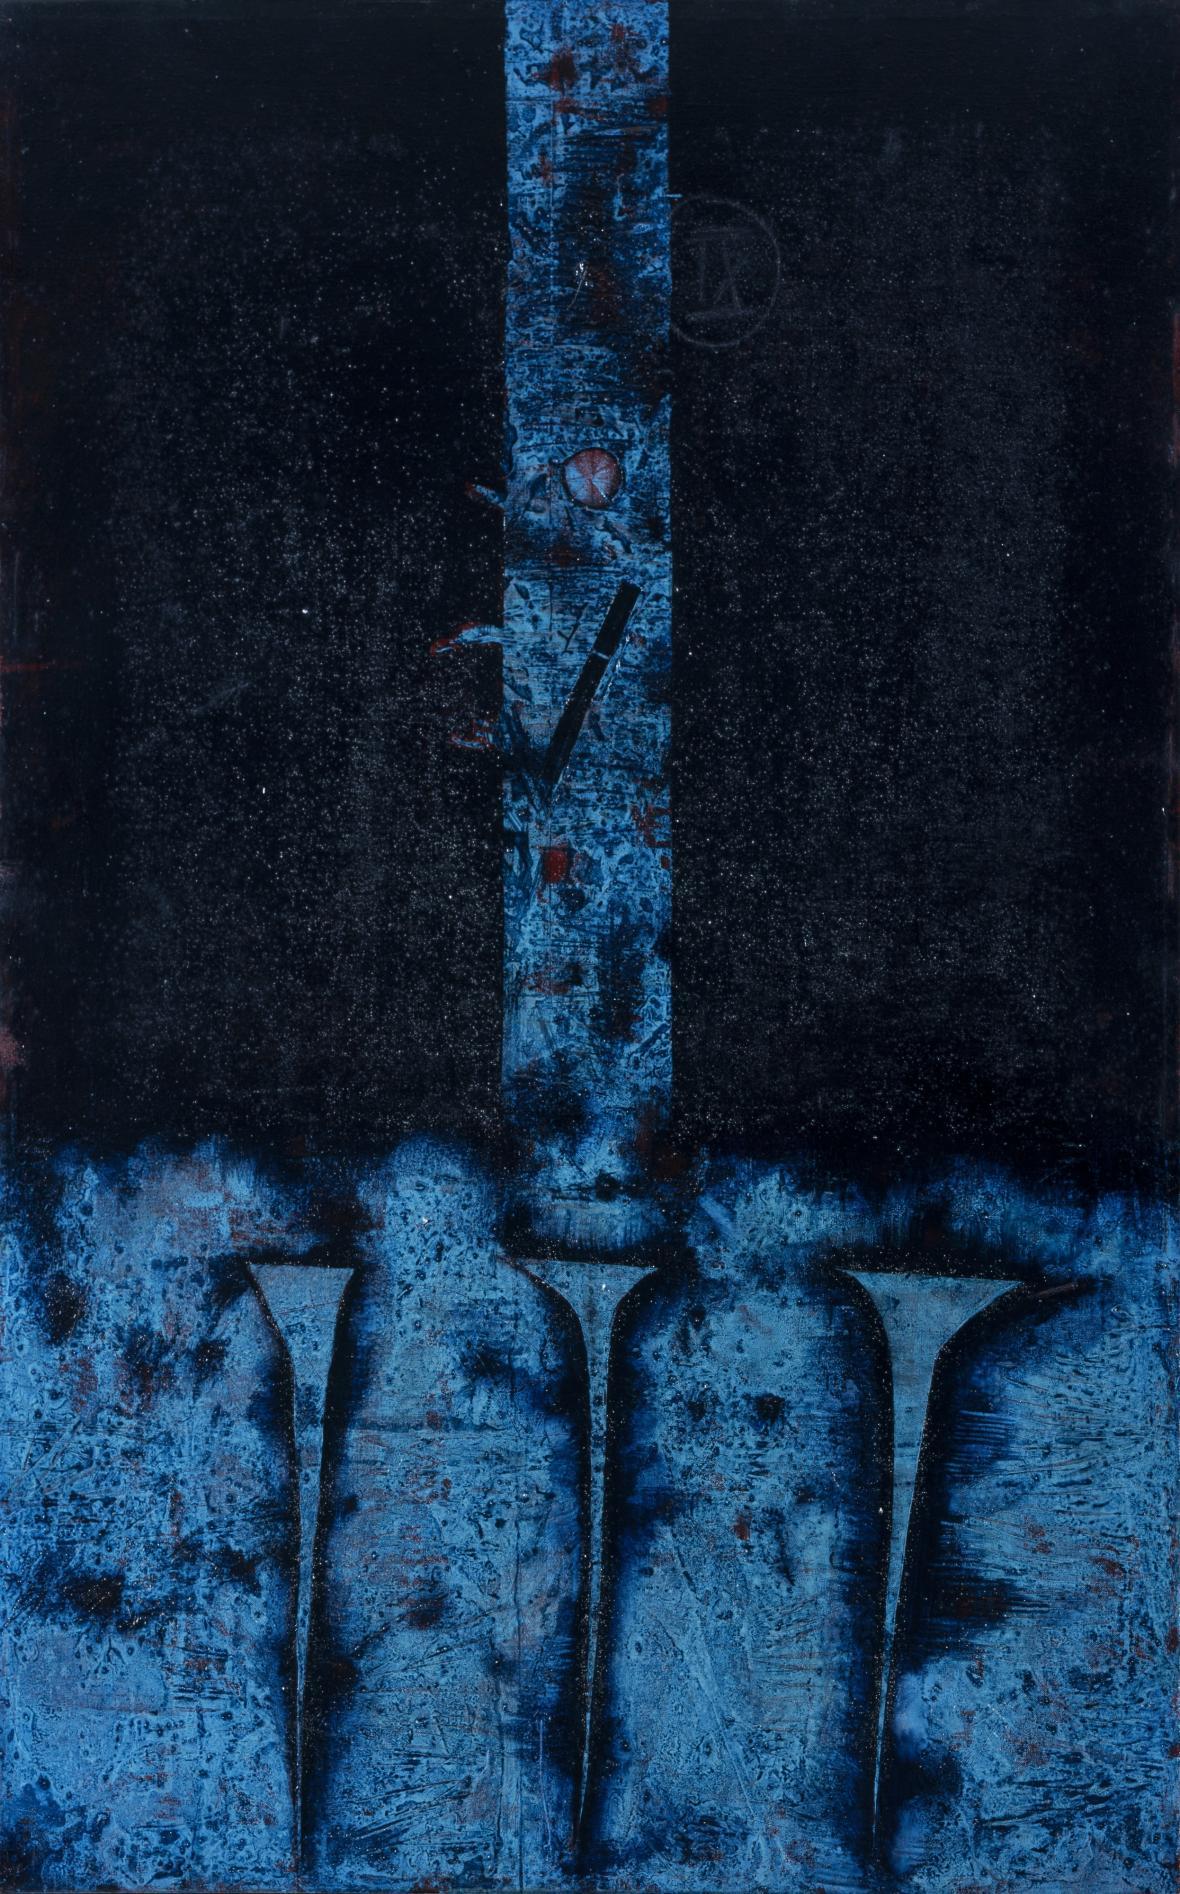 Mikuláš Medek / Křížová cesta, zastavení jedenácté (Ježíš je ukřižován), 1971, kostel sv. Josefa, Senetářov